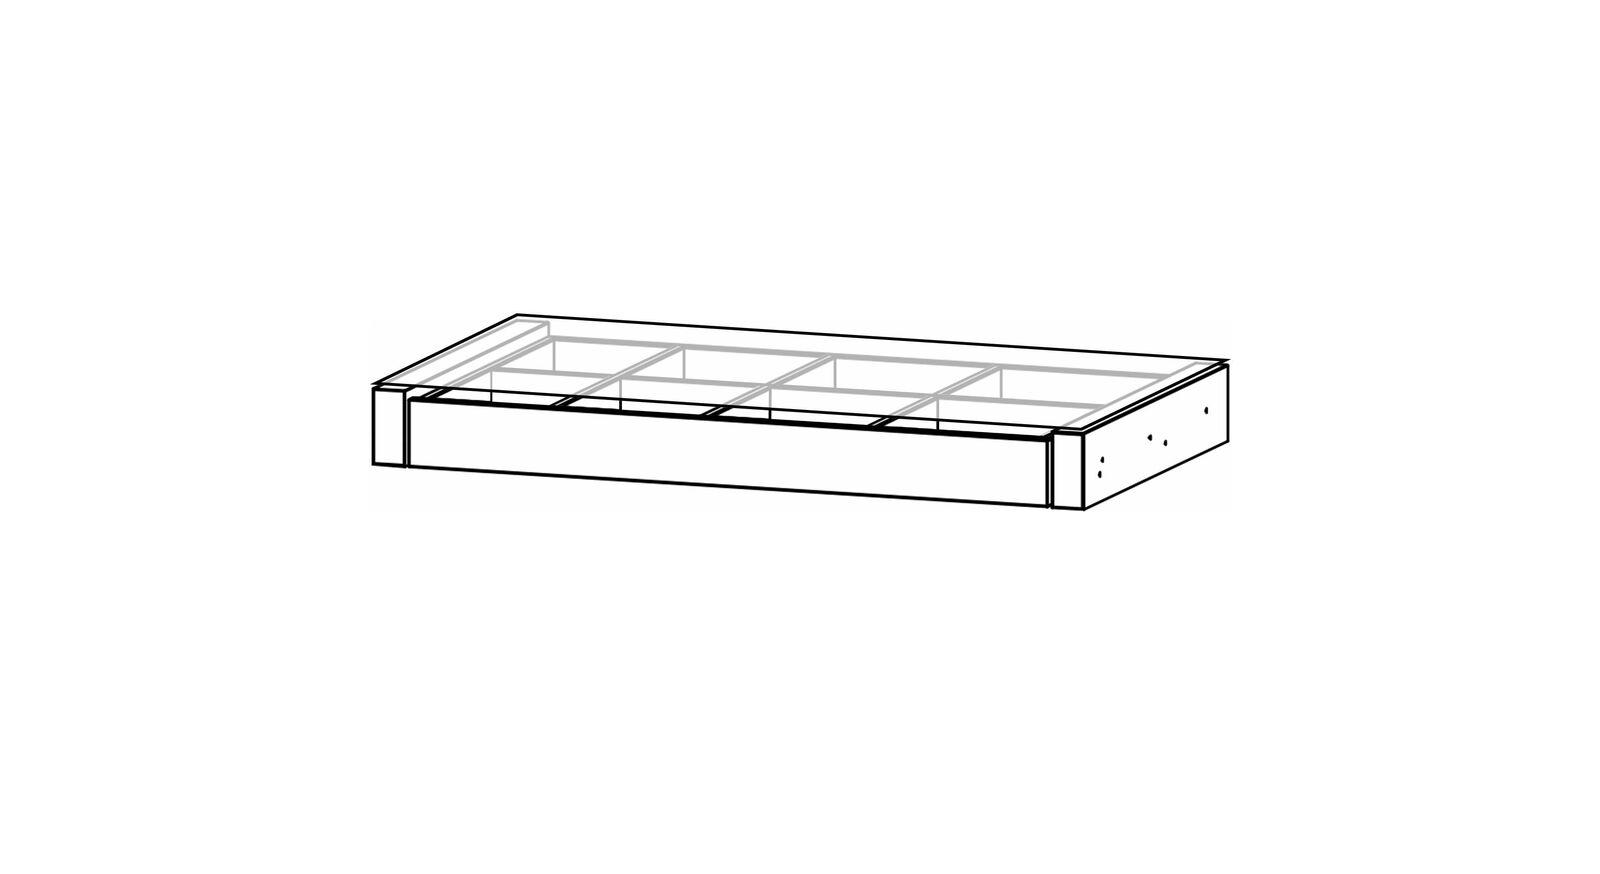 Schwebetüren-Schrank-Zubehör Eleisa - Auszugsboden mit Schubladeneinteilung und Glasaufsatz